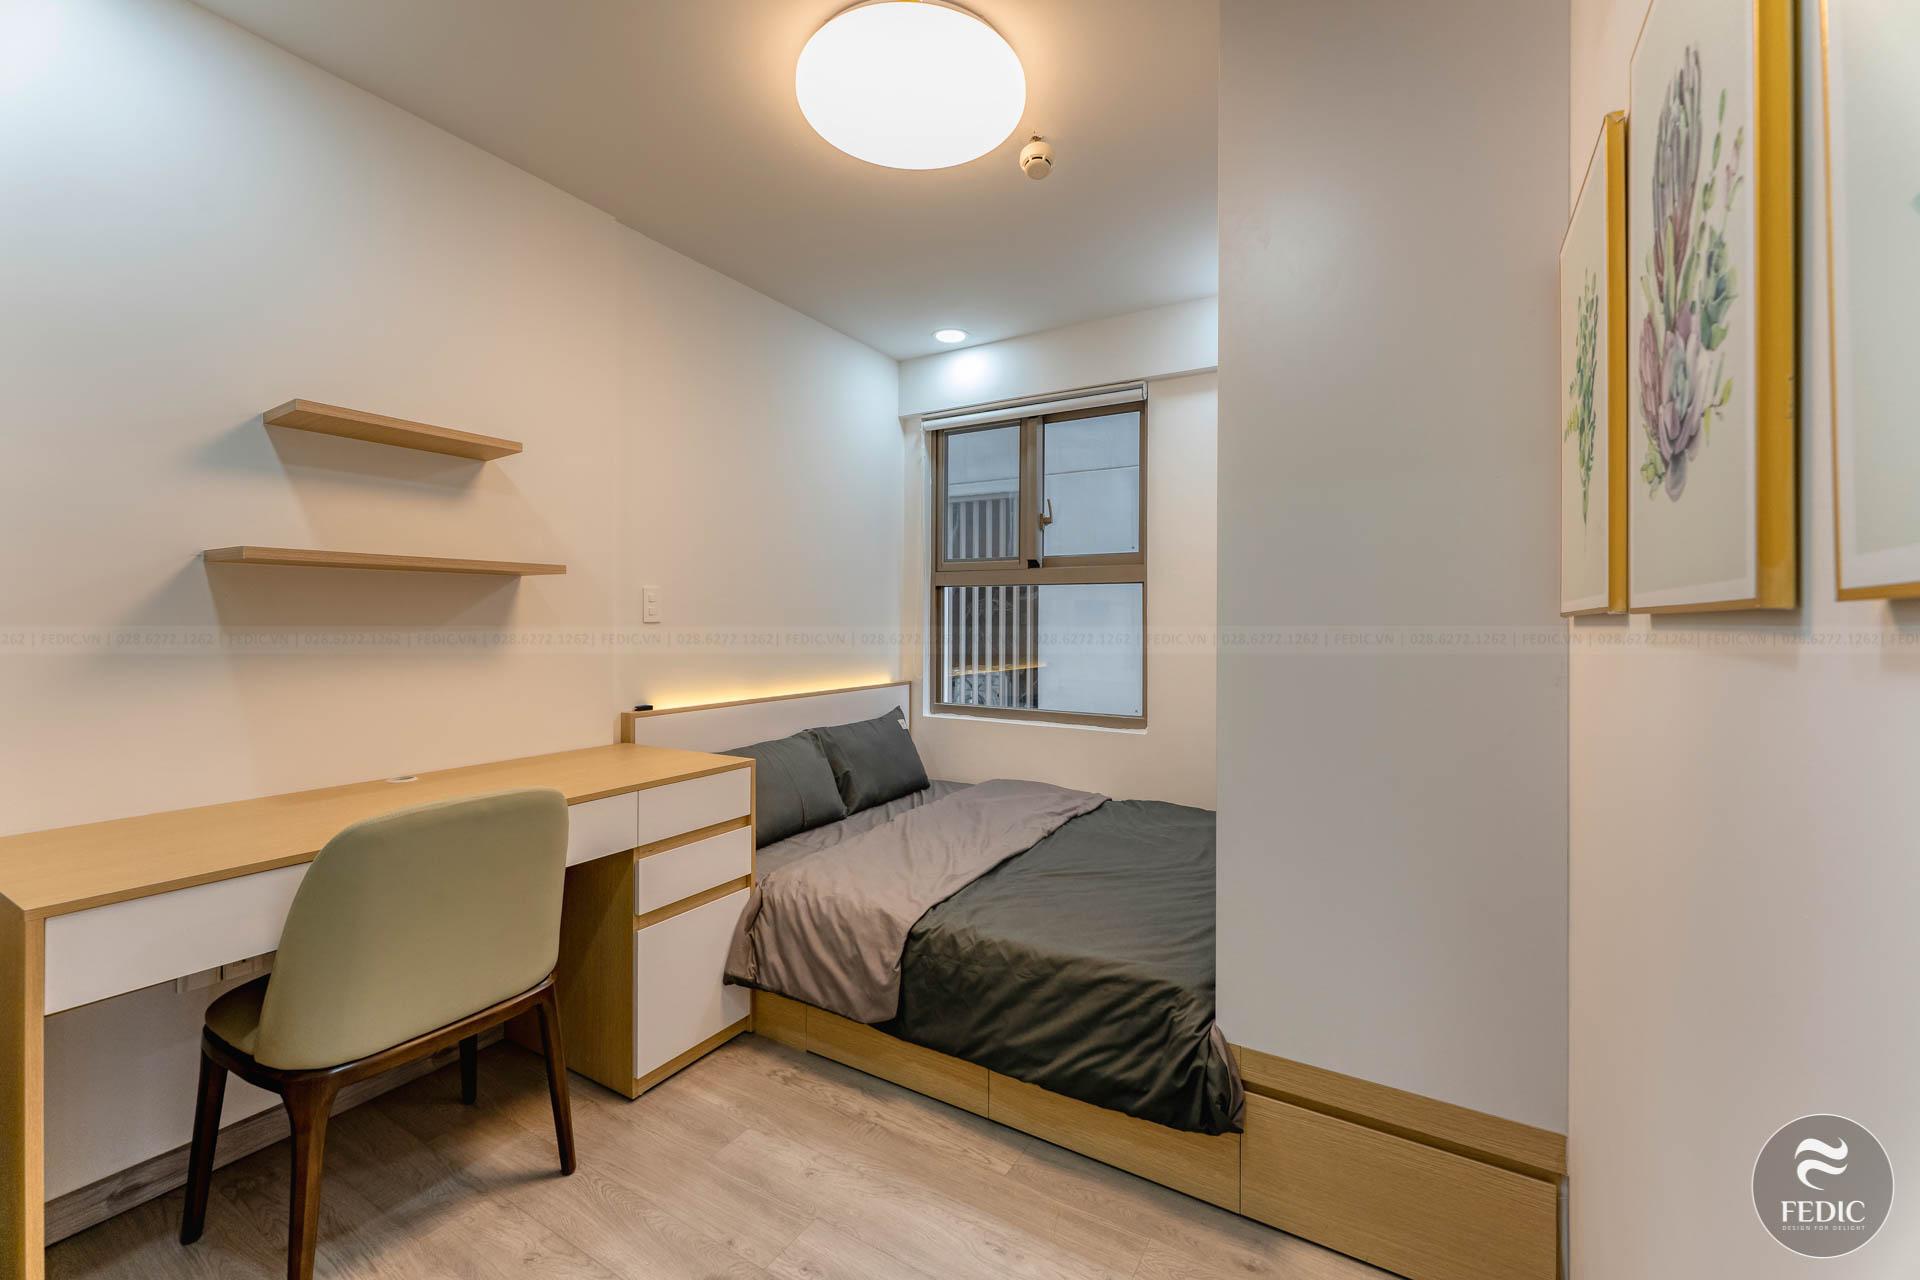 Nội thất căn hộ SSR- chị Phương-Fedic-13